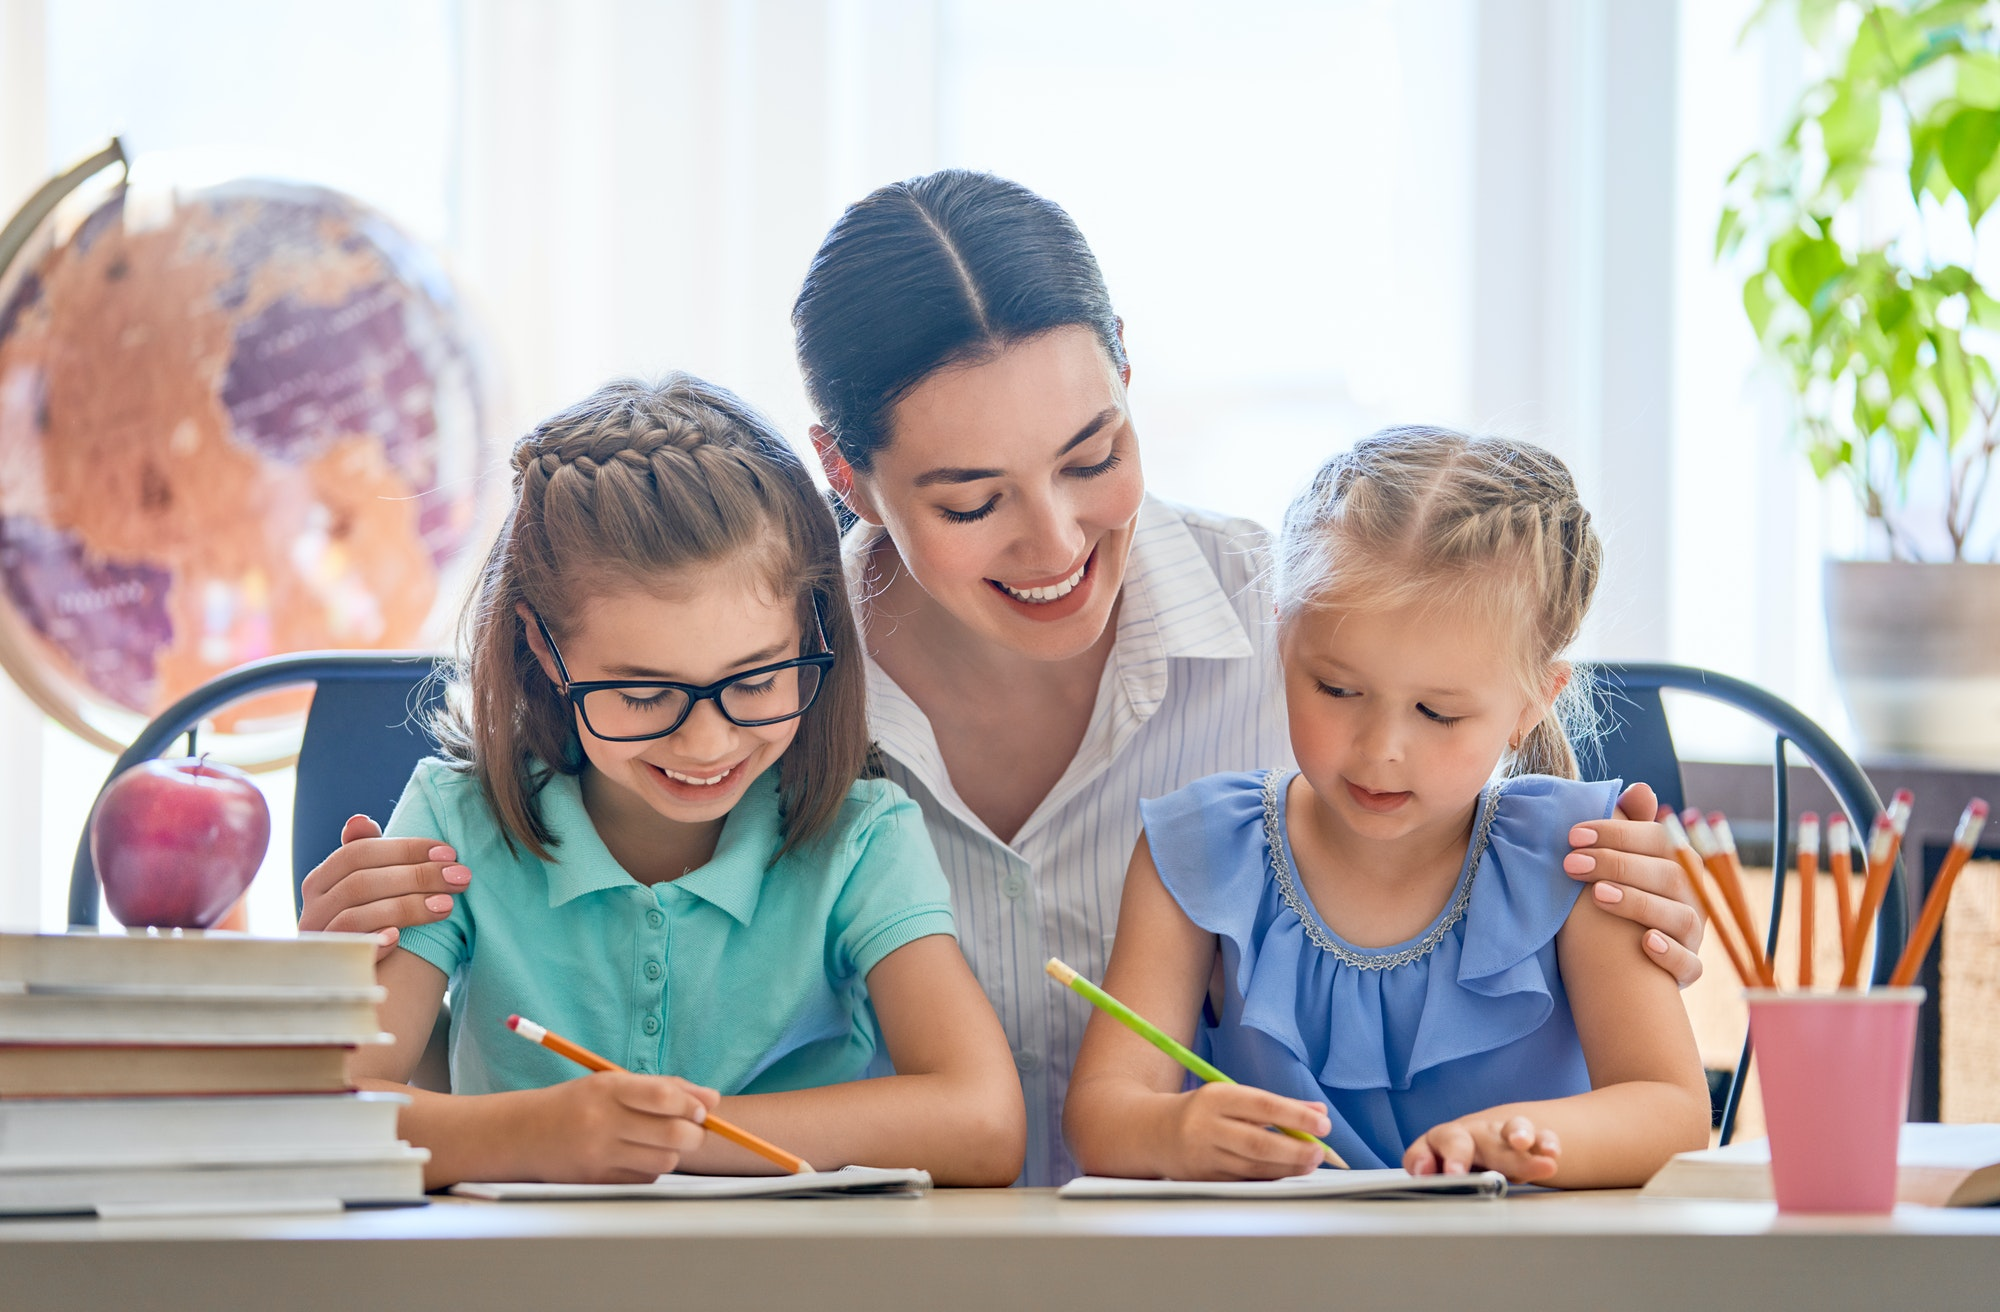 كيفية تعلم الانجليزية للاطفال